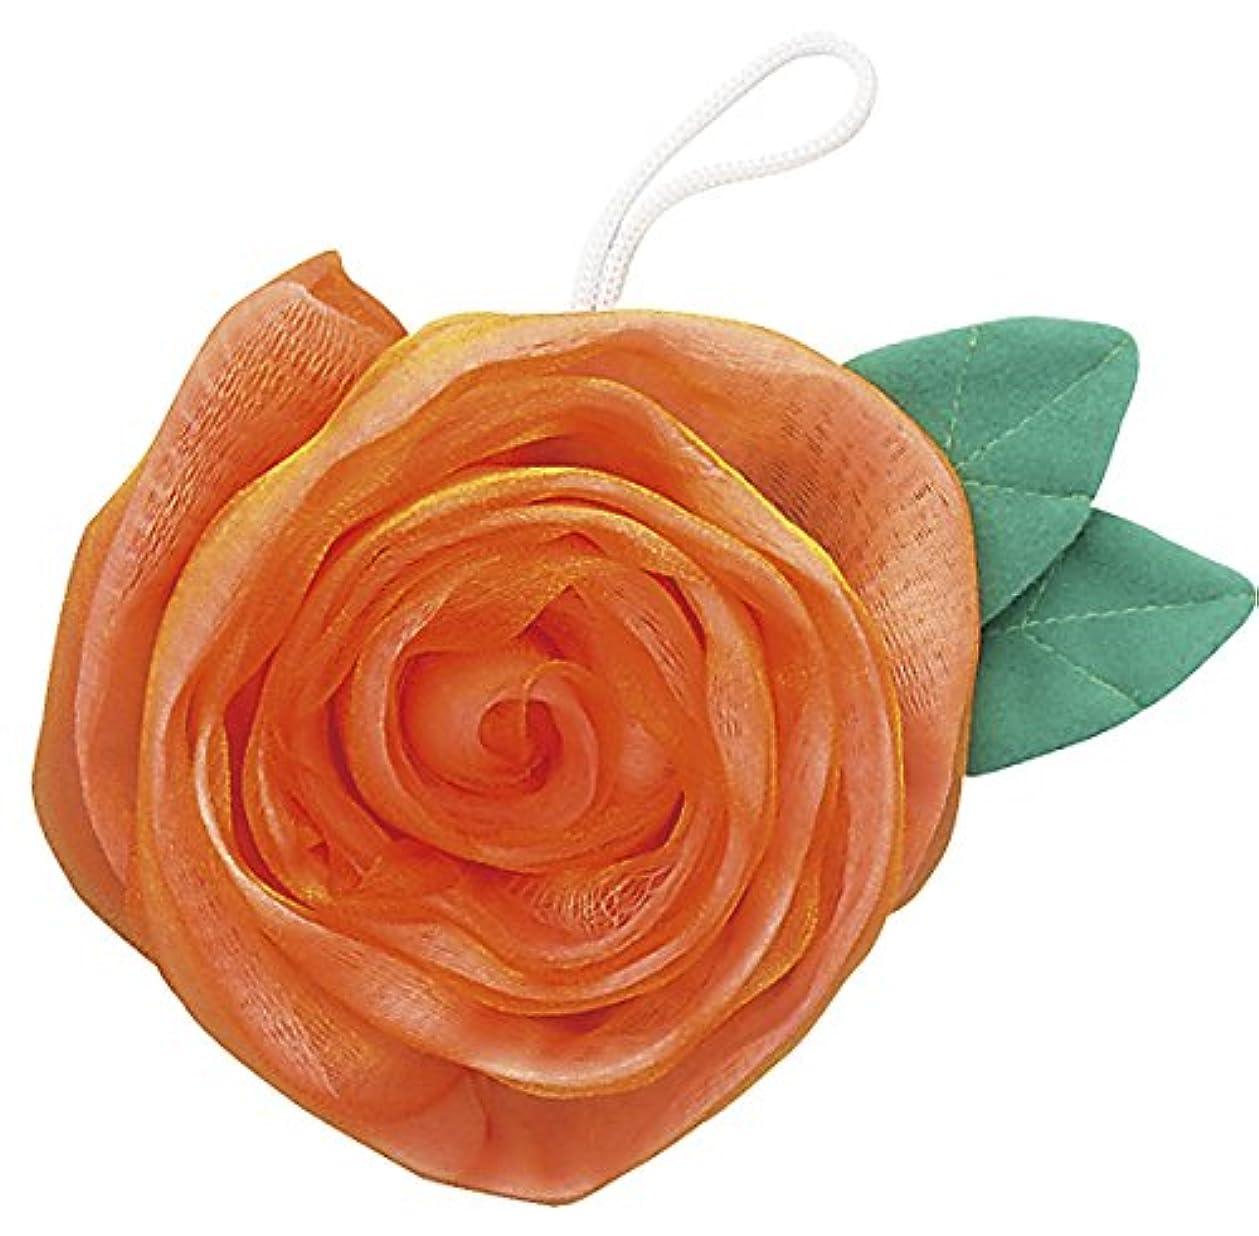 わざわざ決して世界に死んだフジインターナショナル エレガントローズ 薔薇のボディスポンジ ゴールド BS-G